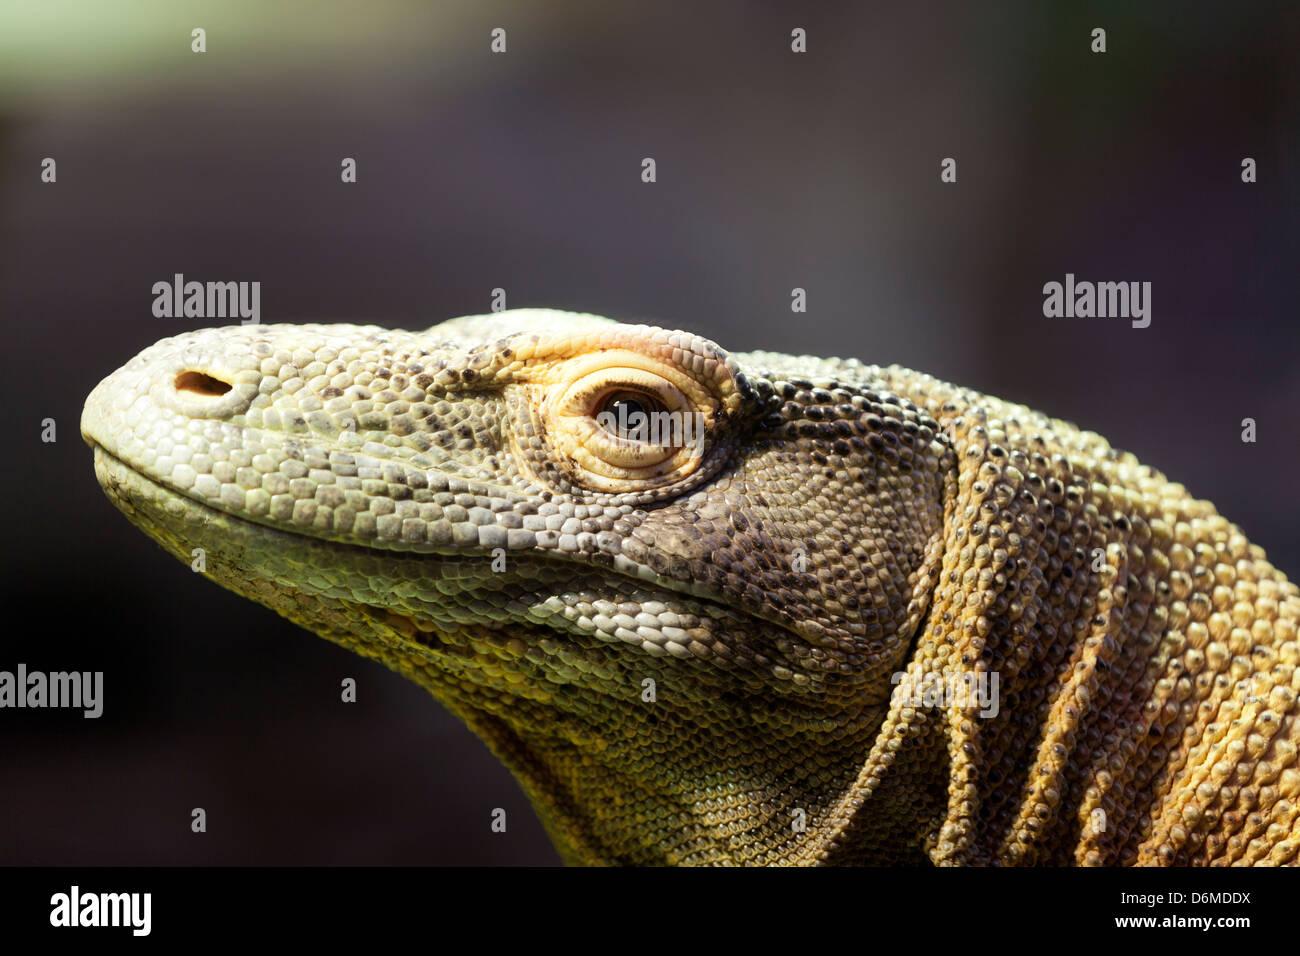 Dragão Komodo, retrato de um Dragão Komodo. Imagens de Stock